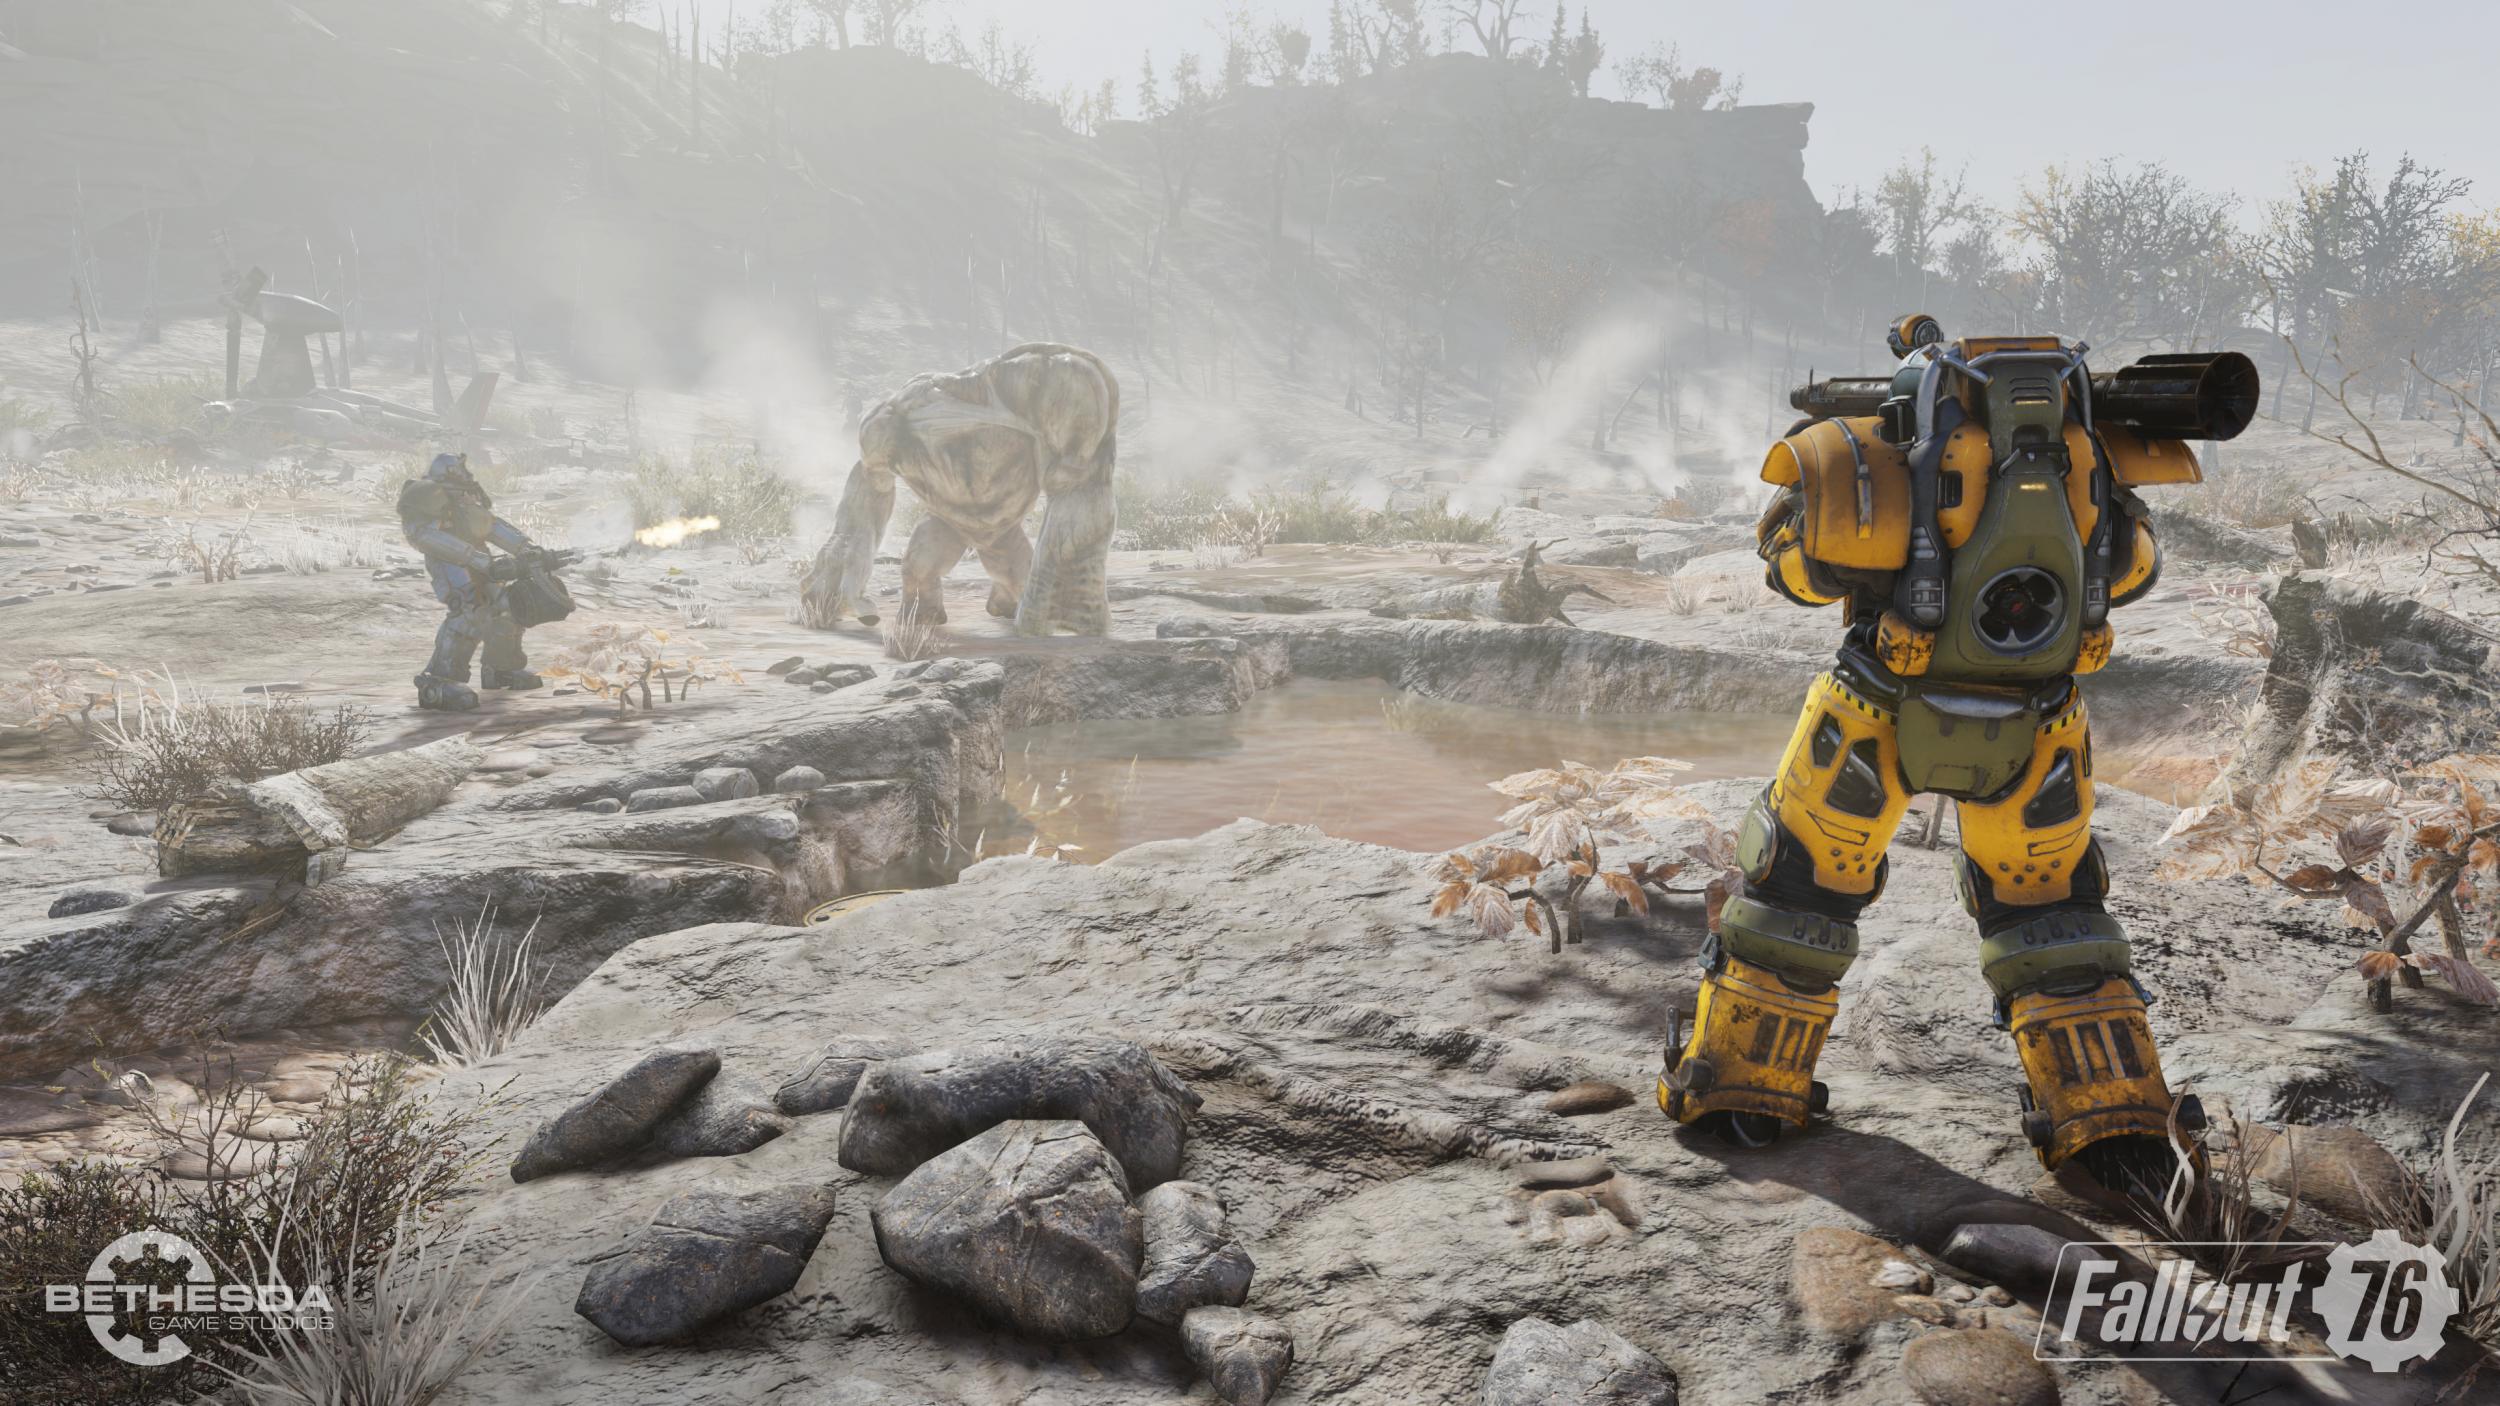 Fallout 76 fusion core locations guide